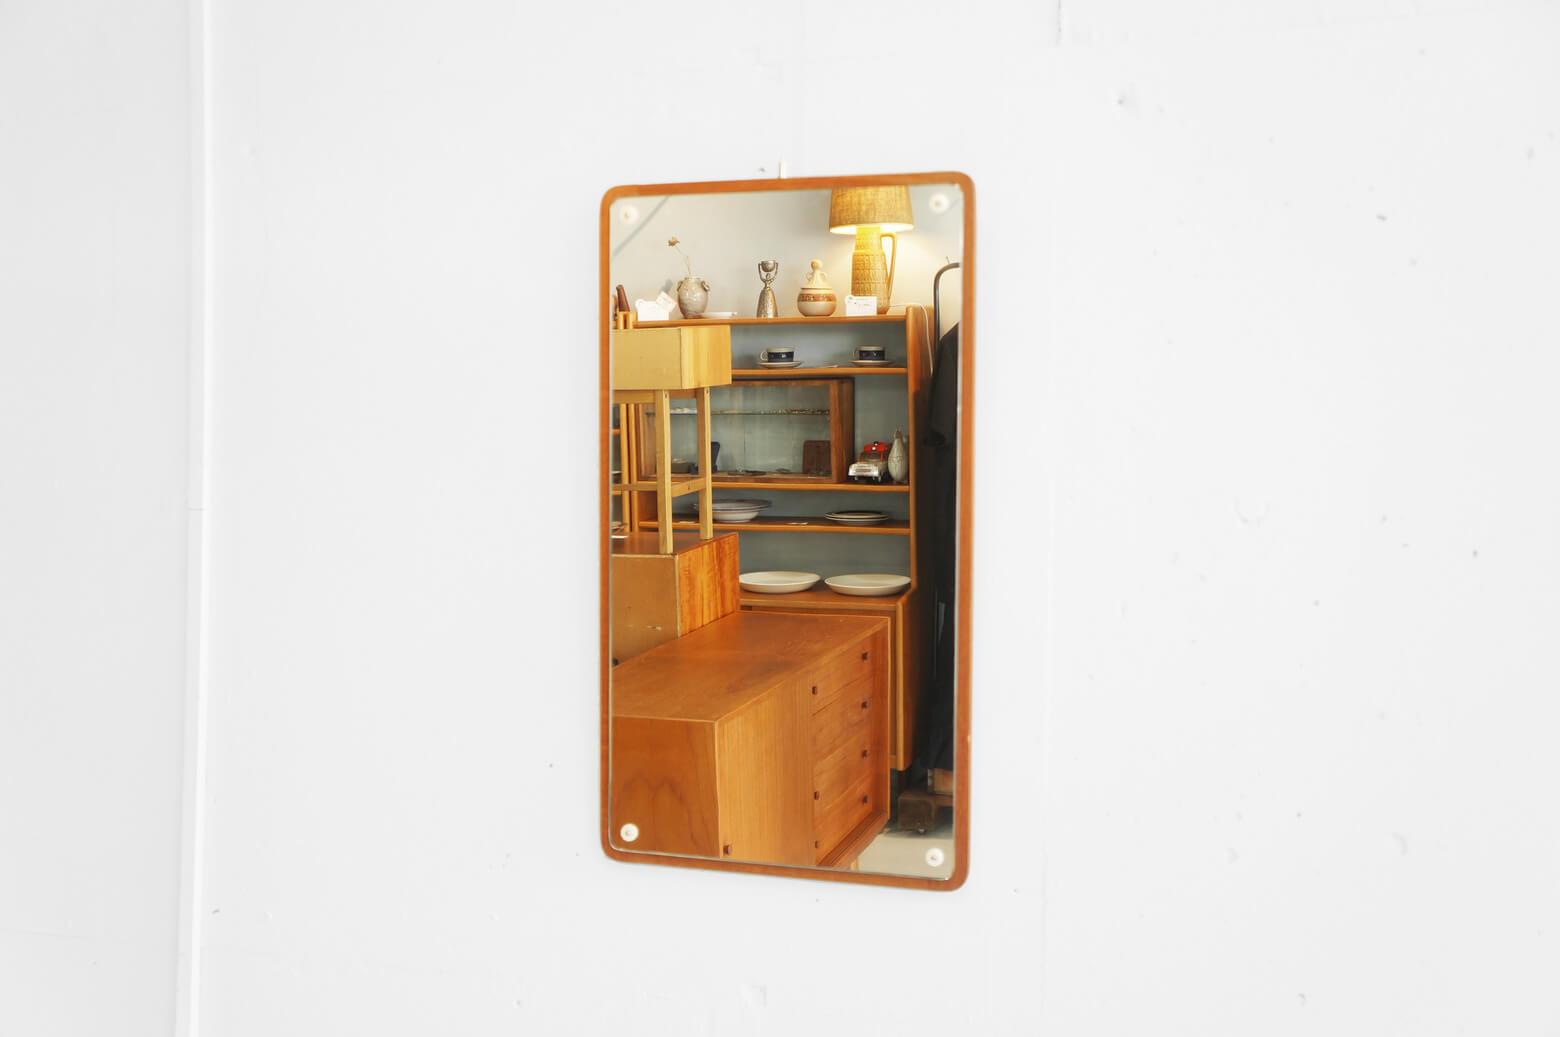 北欧デンマーク製のヴィンテージウォールミラー。 チーク材をフレームに使用し、やわらかく、あたたかい印象に。 鏡の四隅にはお花のようなモチーフのプラスチック製ネジ留めが付いており、ちょっぴりかわいらしさもプラスされています。 小さめのチェストと合わせてドレッサーのように、玄関のちょっとスペースが空いた壁に掛けてお出かけ前のチェックに♪ フレーム左上の角にピンで開いたような小さな穴が三カ所ございます。 その他、経年や使用に伴う細かな傷や擦れがございますが、大きなダメージはございません。 かわいらしいネジ留めが付いたミラーは北欧製ミラーの中でもちょっと珍しいアイテムです。 北欧好きの方はもちろん、ナチュラルテイストやレトロな雰囲気がお好きな方にもオススメです! ~【東京都杉並区阿佐ヶ谷北アンティークショップ 古一】 古一/ふるいちでは出張無料買取も行っております。杉並区周辺はもちろん、世田谷区・目黒区・武蔵野市・新宿区等の東京近郊のお見積もりも!ビンテージ家具・インテリア雑貨・ランプ・USED品・ リサイクルなら古一/フルイチへ~